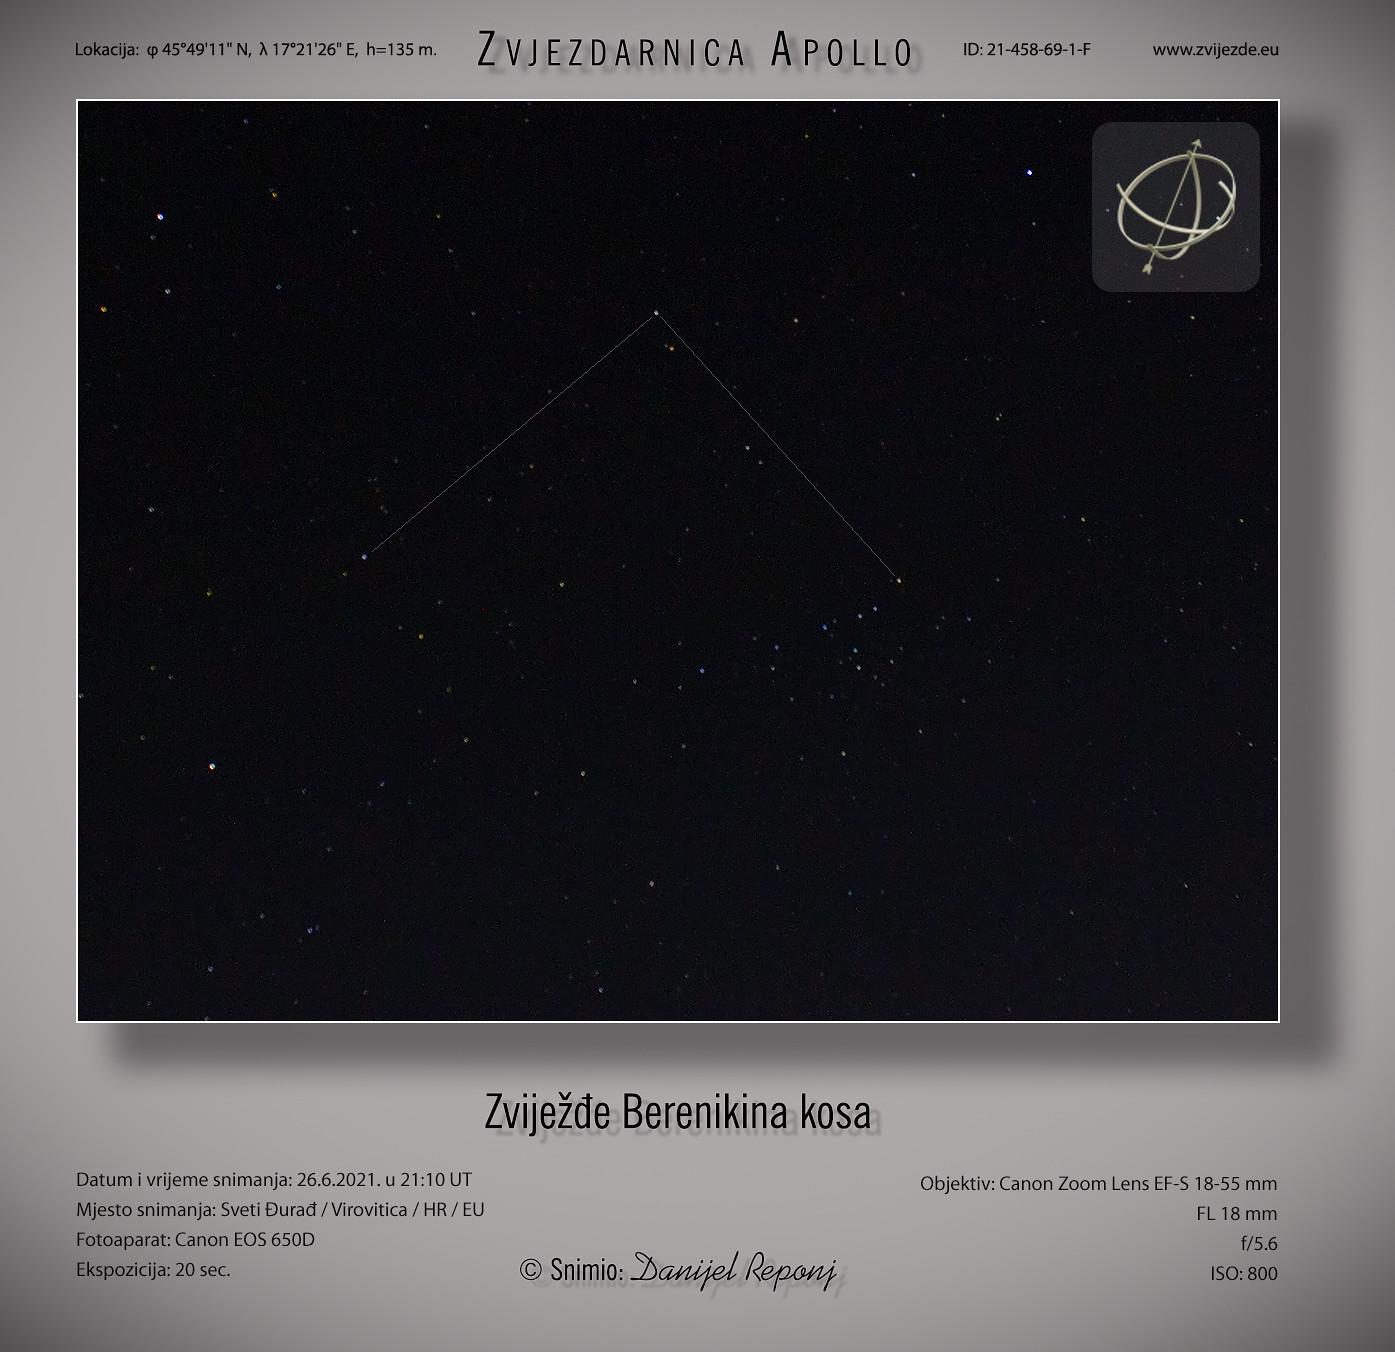 Zviježđe Berenikina kosa, 26.6.2021.